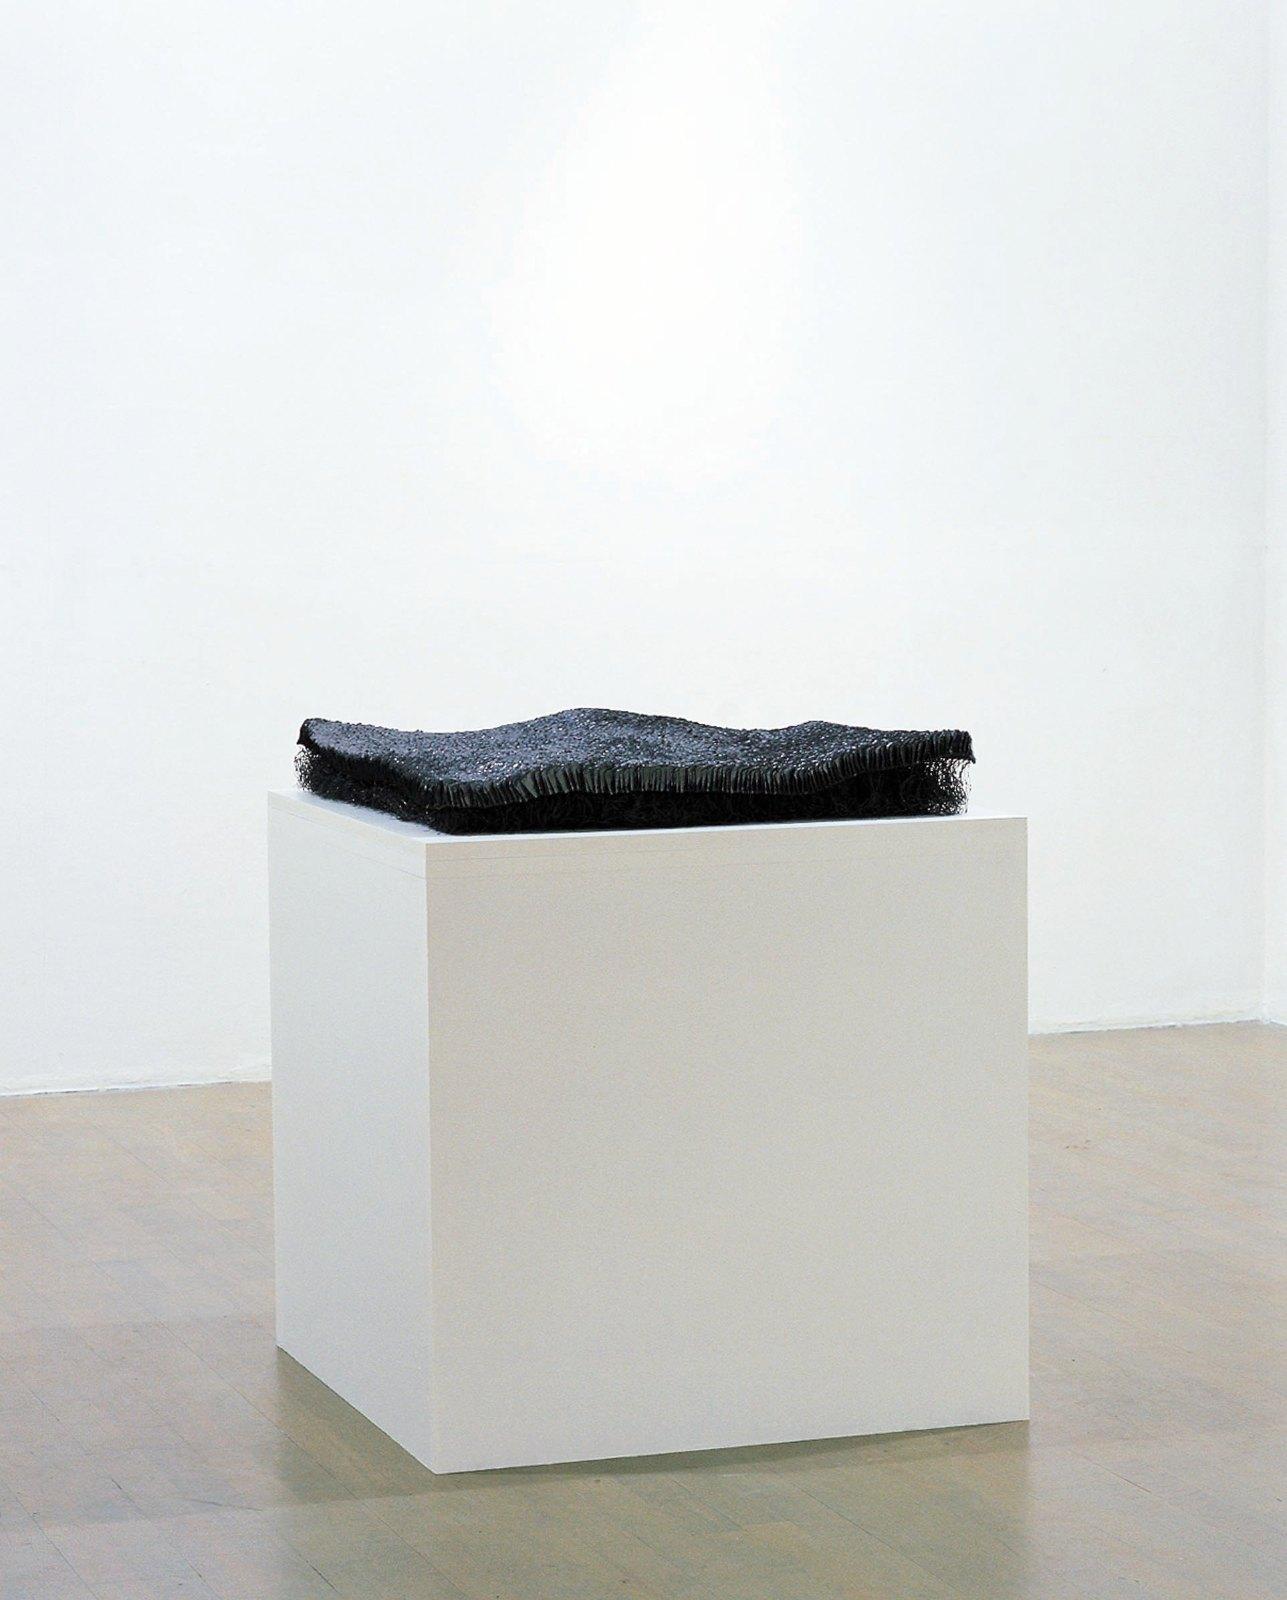 Sculpture I, 1998-99, lead, steel, 10 x 70 x 70 cm